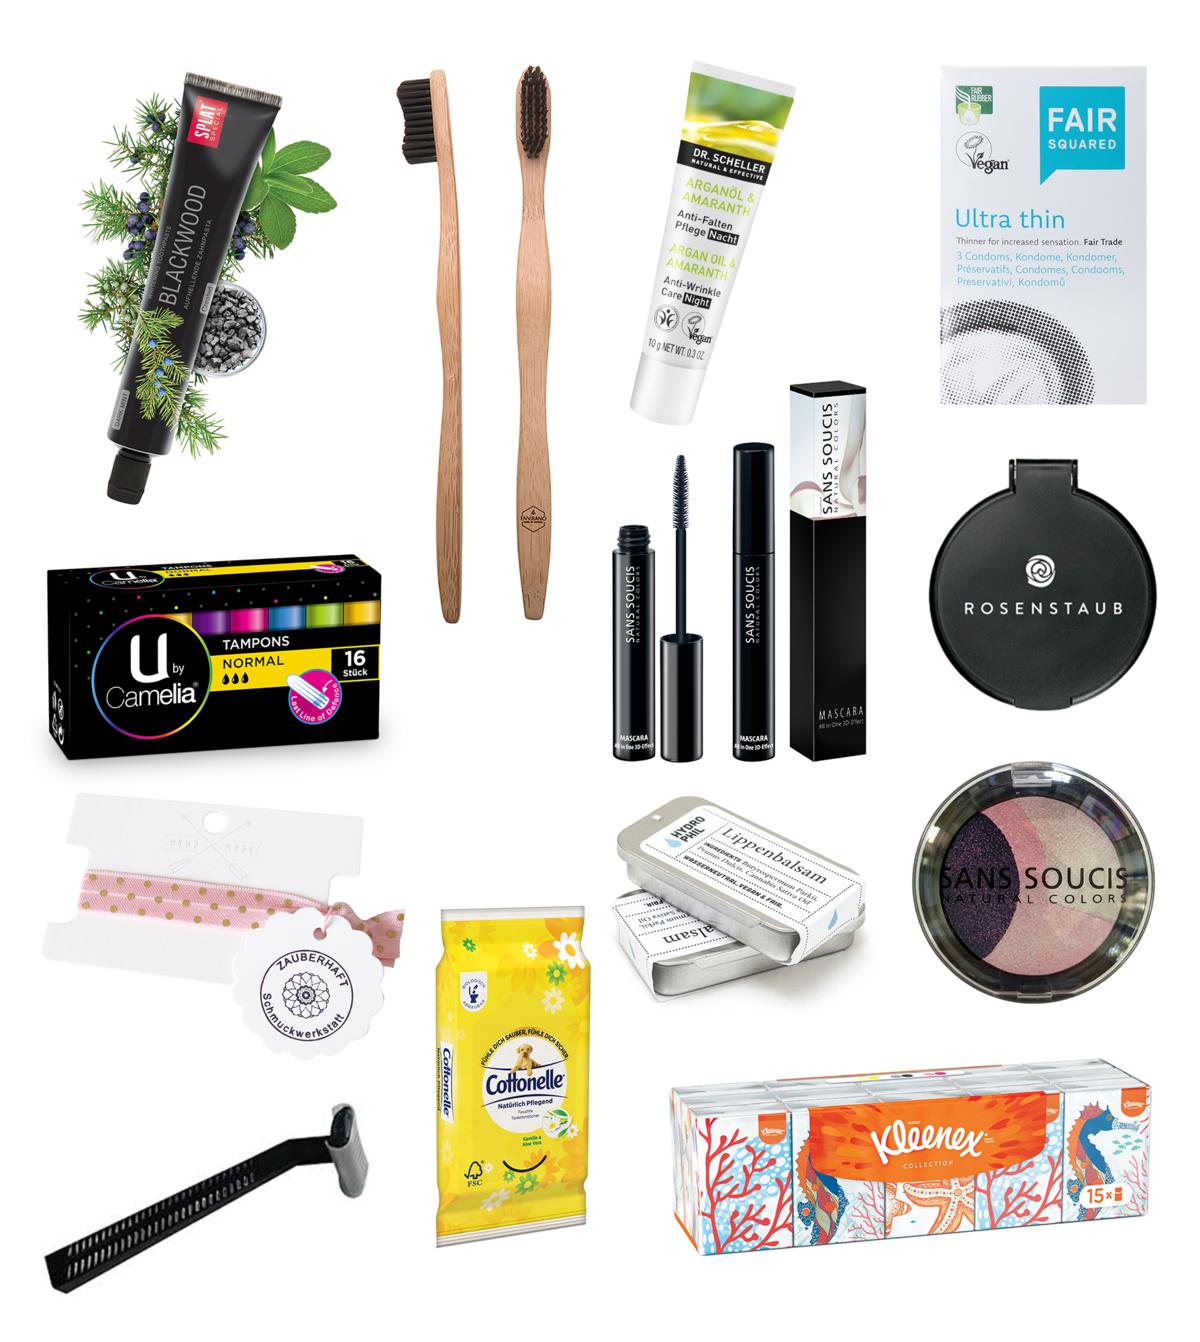 rosenstaub-survival-kit-beauty-products